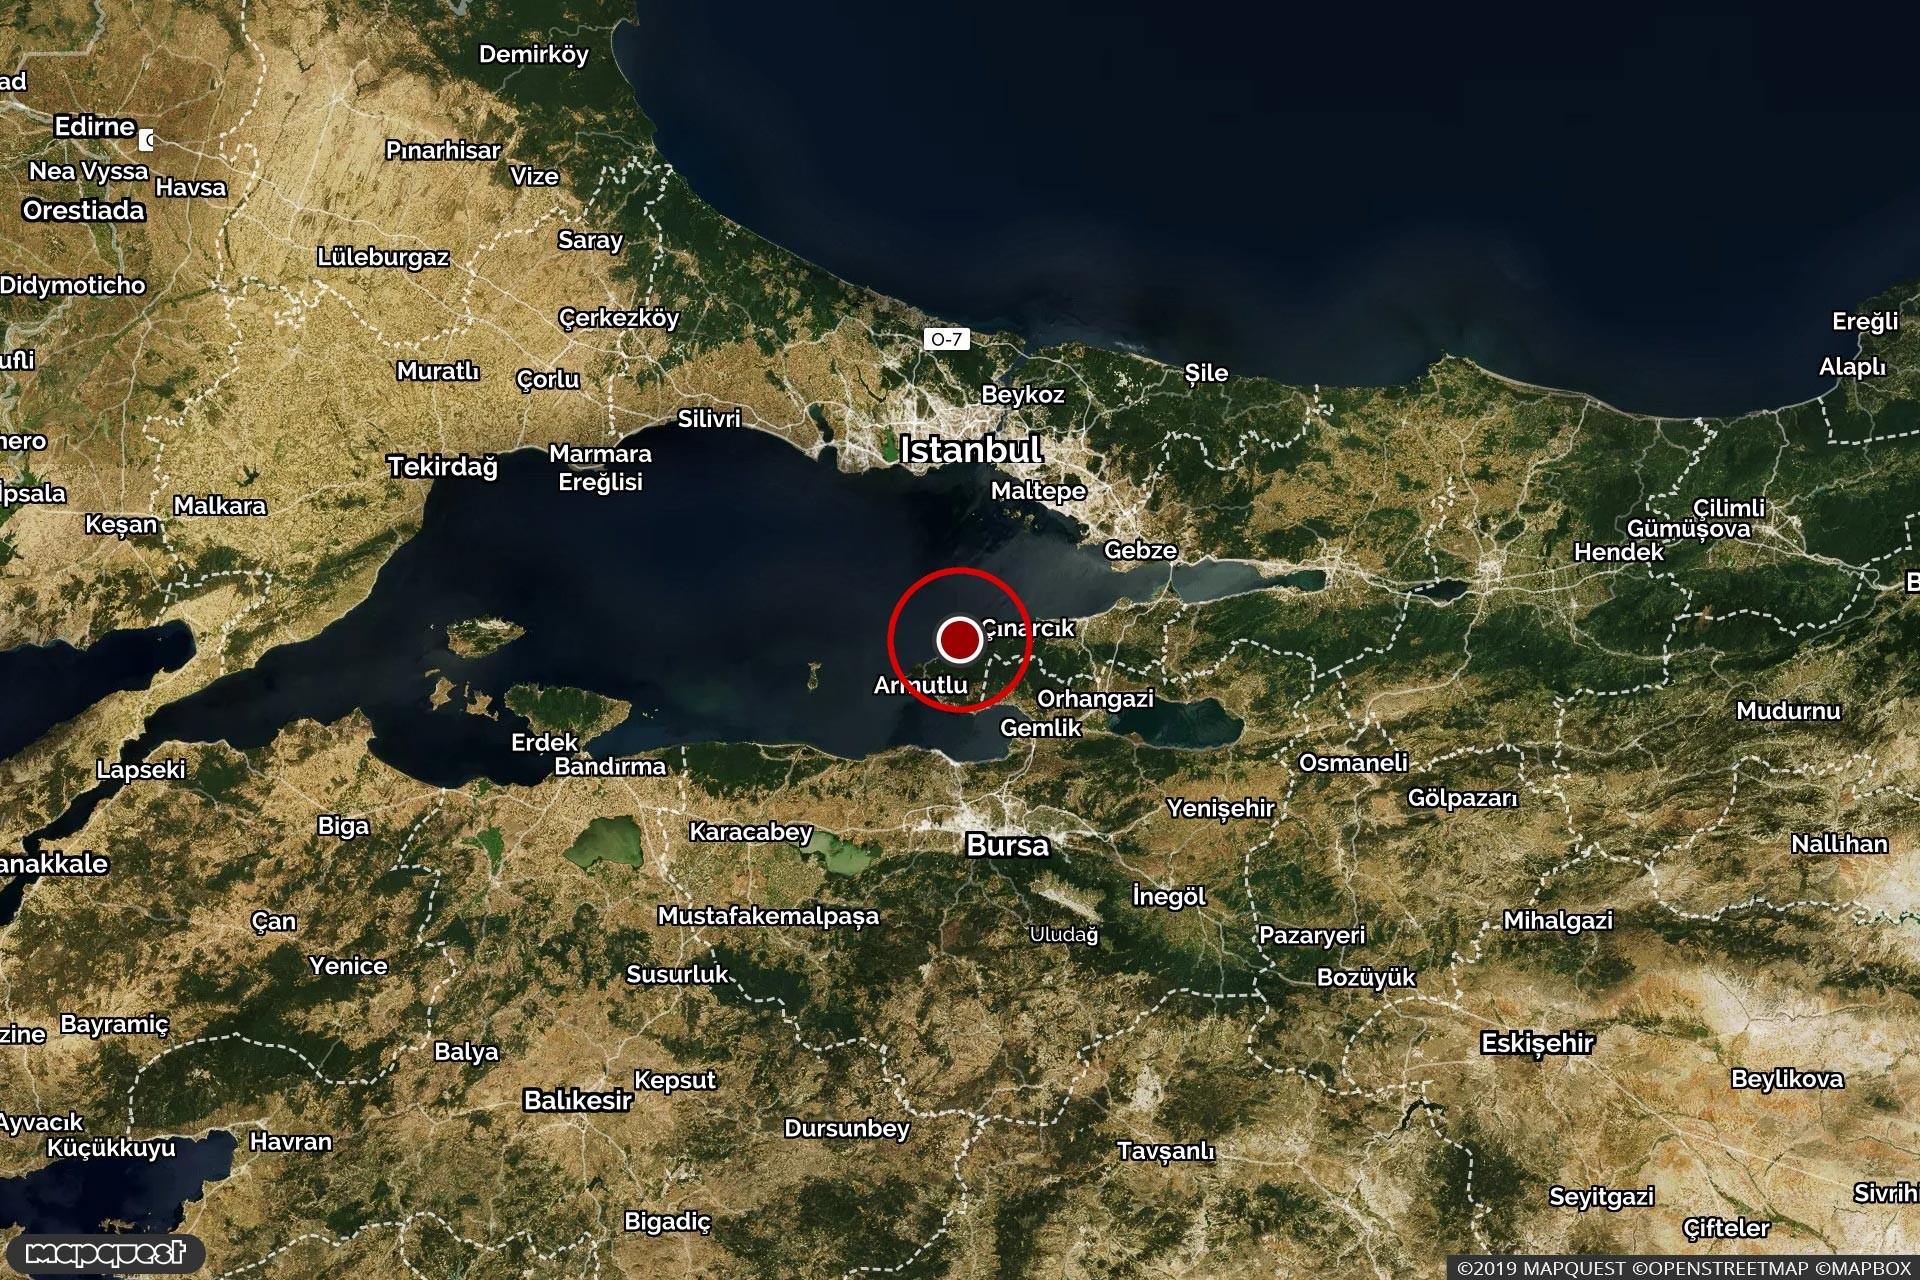 Marmara Denizi'nde depremin gerçekleştiği bölgeyi gösteren harita